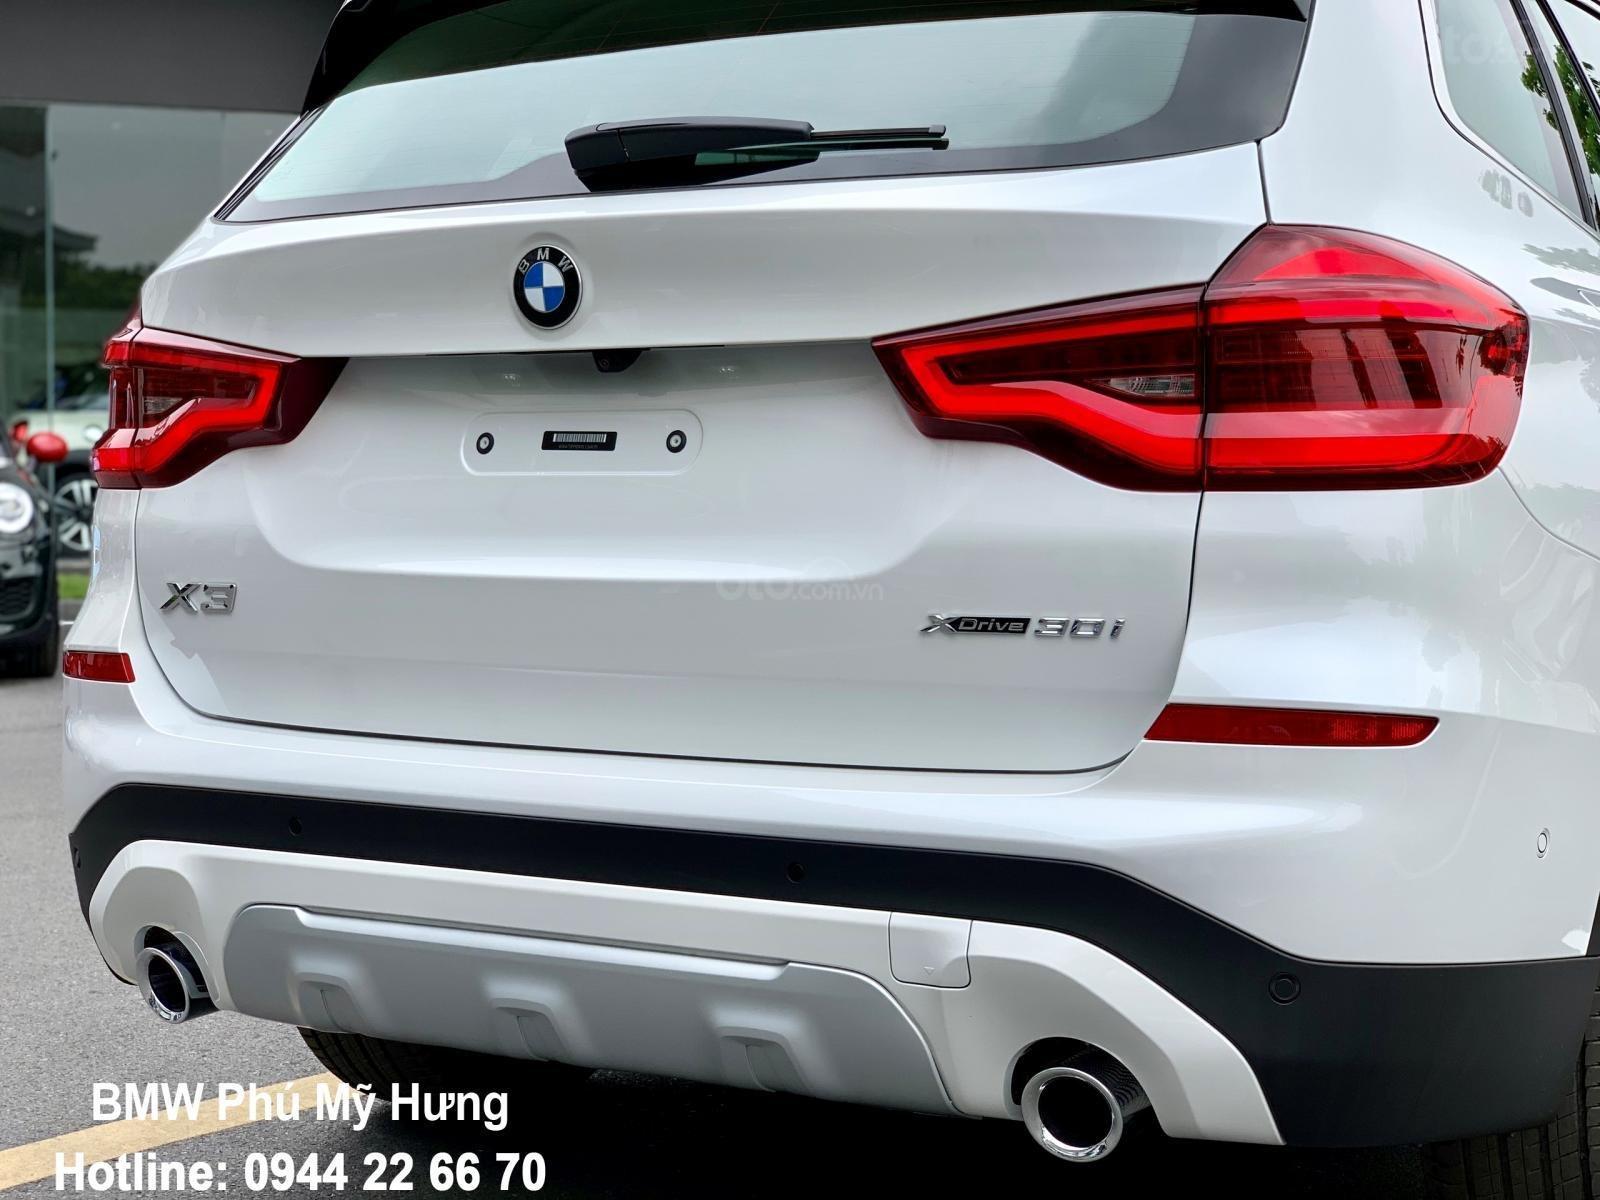 BMW X3 2019 miễn phí 3 năm bảo dưỡng, tặng bảo hiểm vật chất, đặt cọc sớm có xe giao ngay (4)